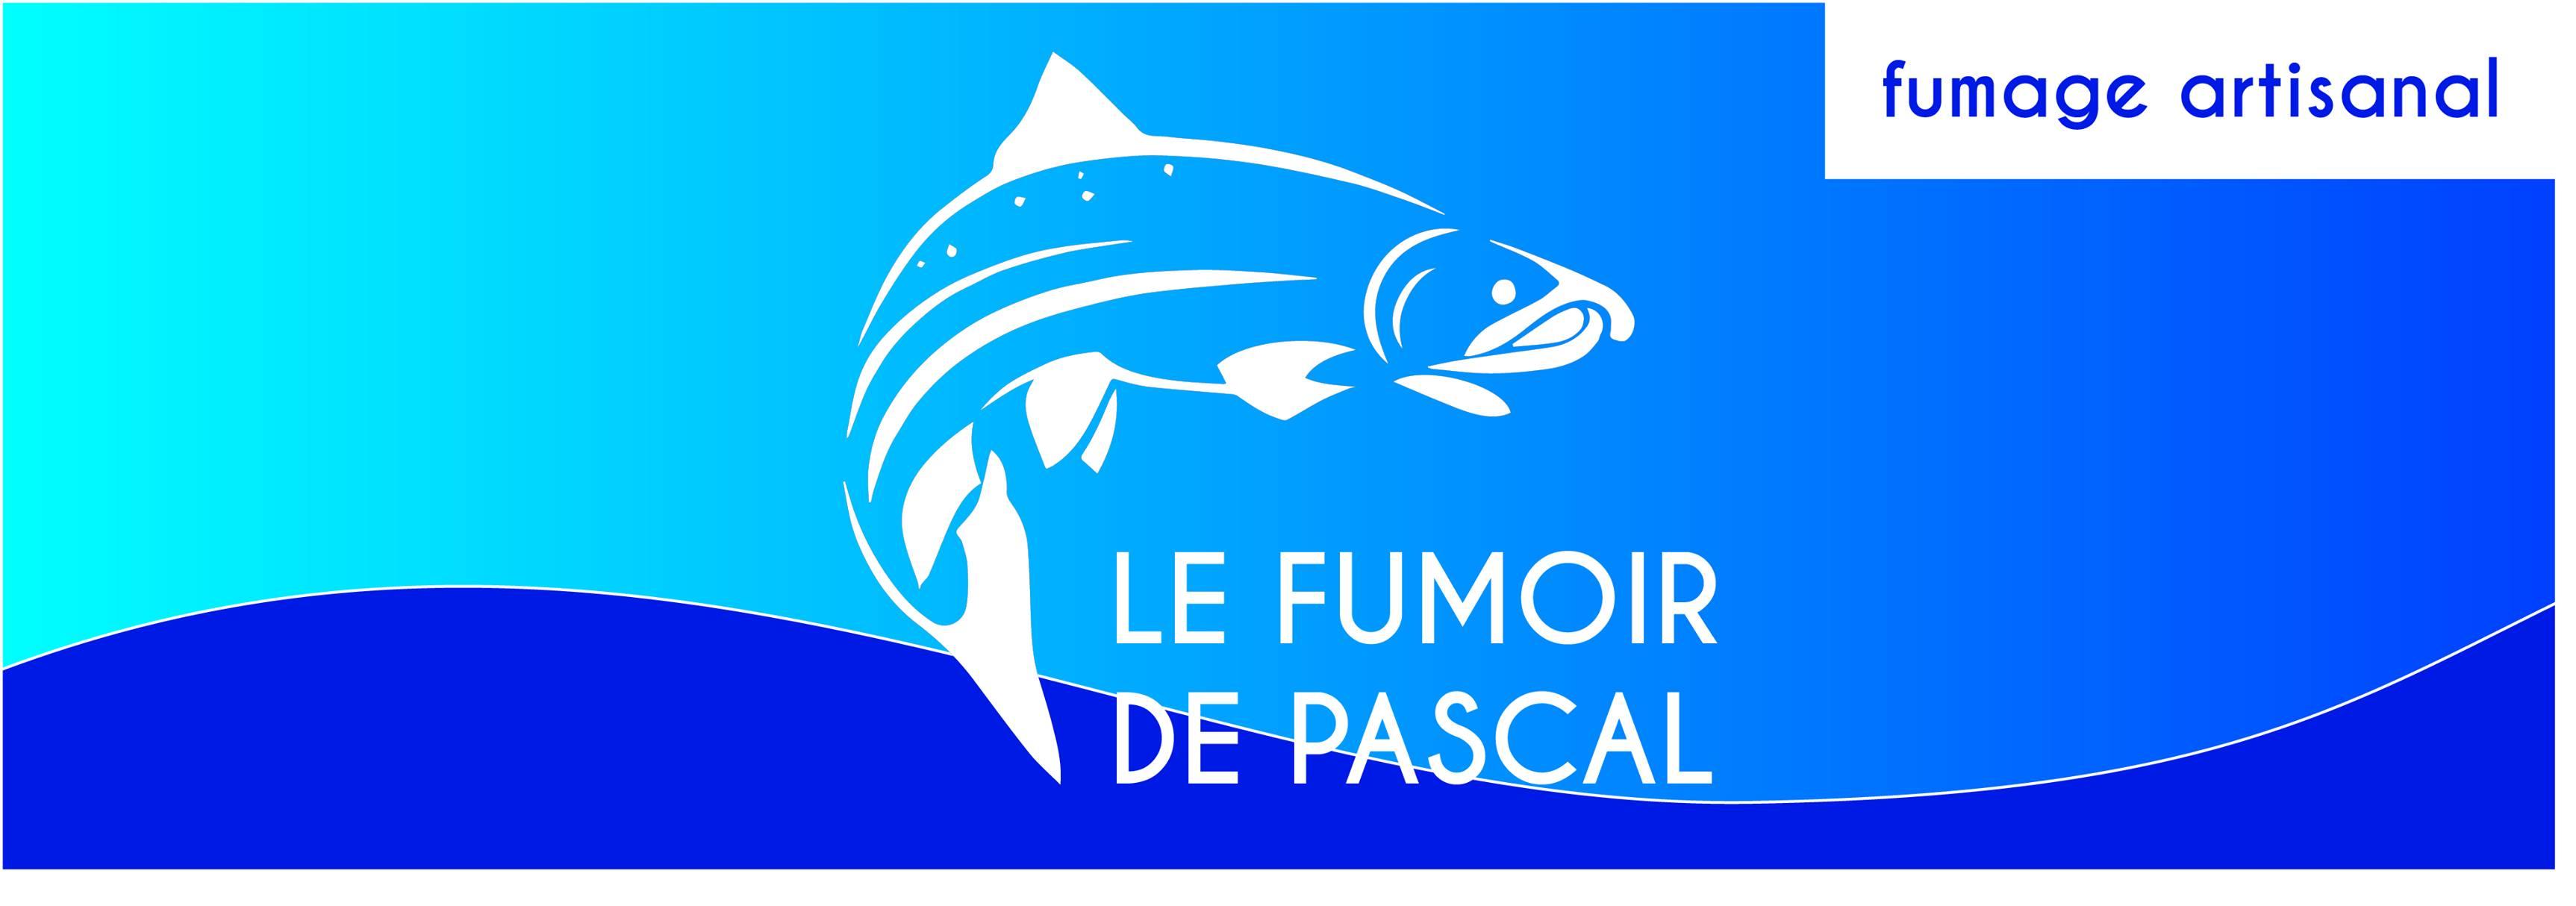 Le fumoir de Pascal